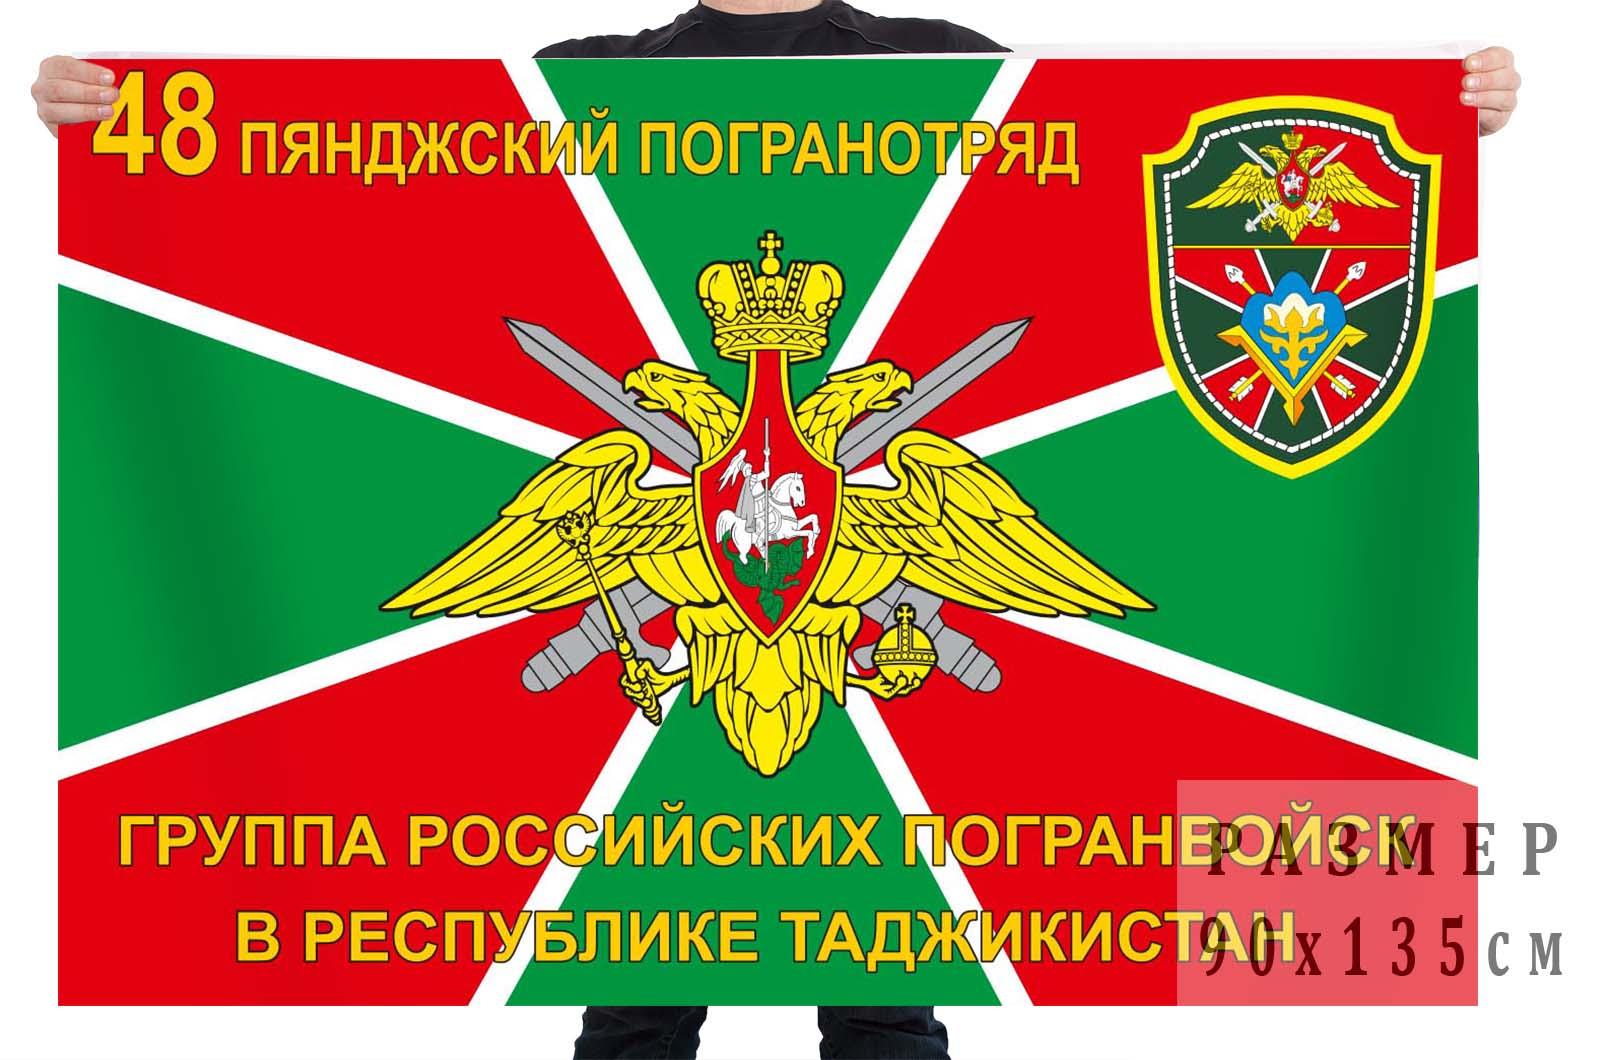 Флаг 48 Пянджского погранотряда